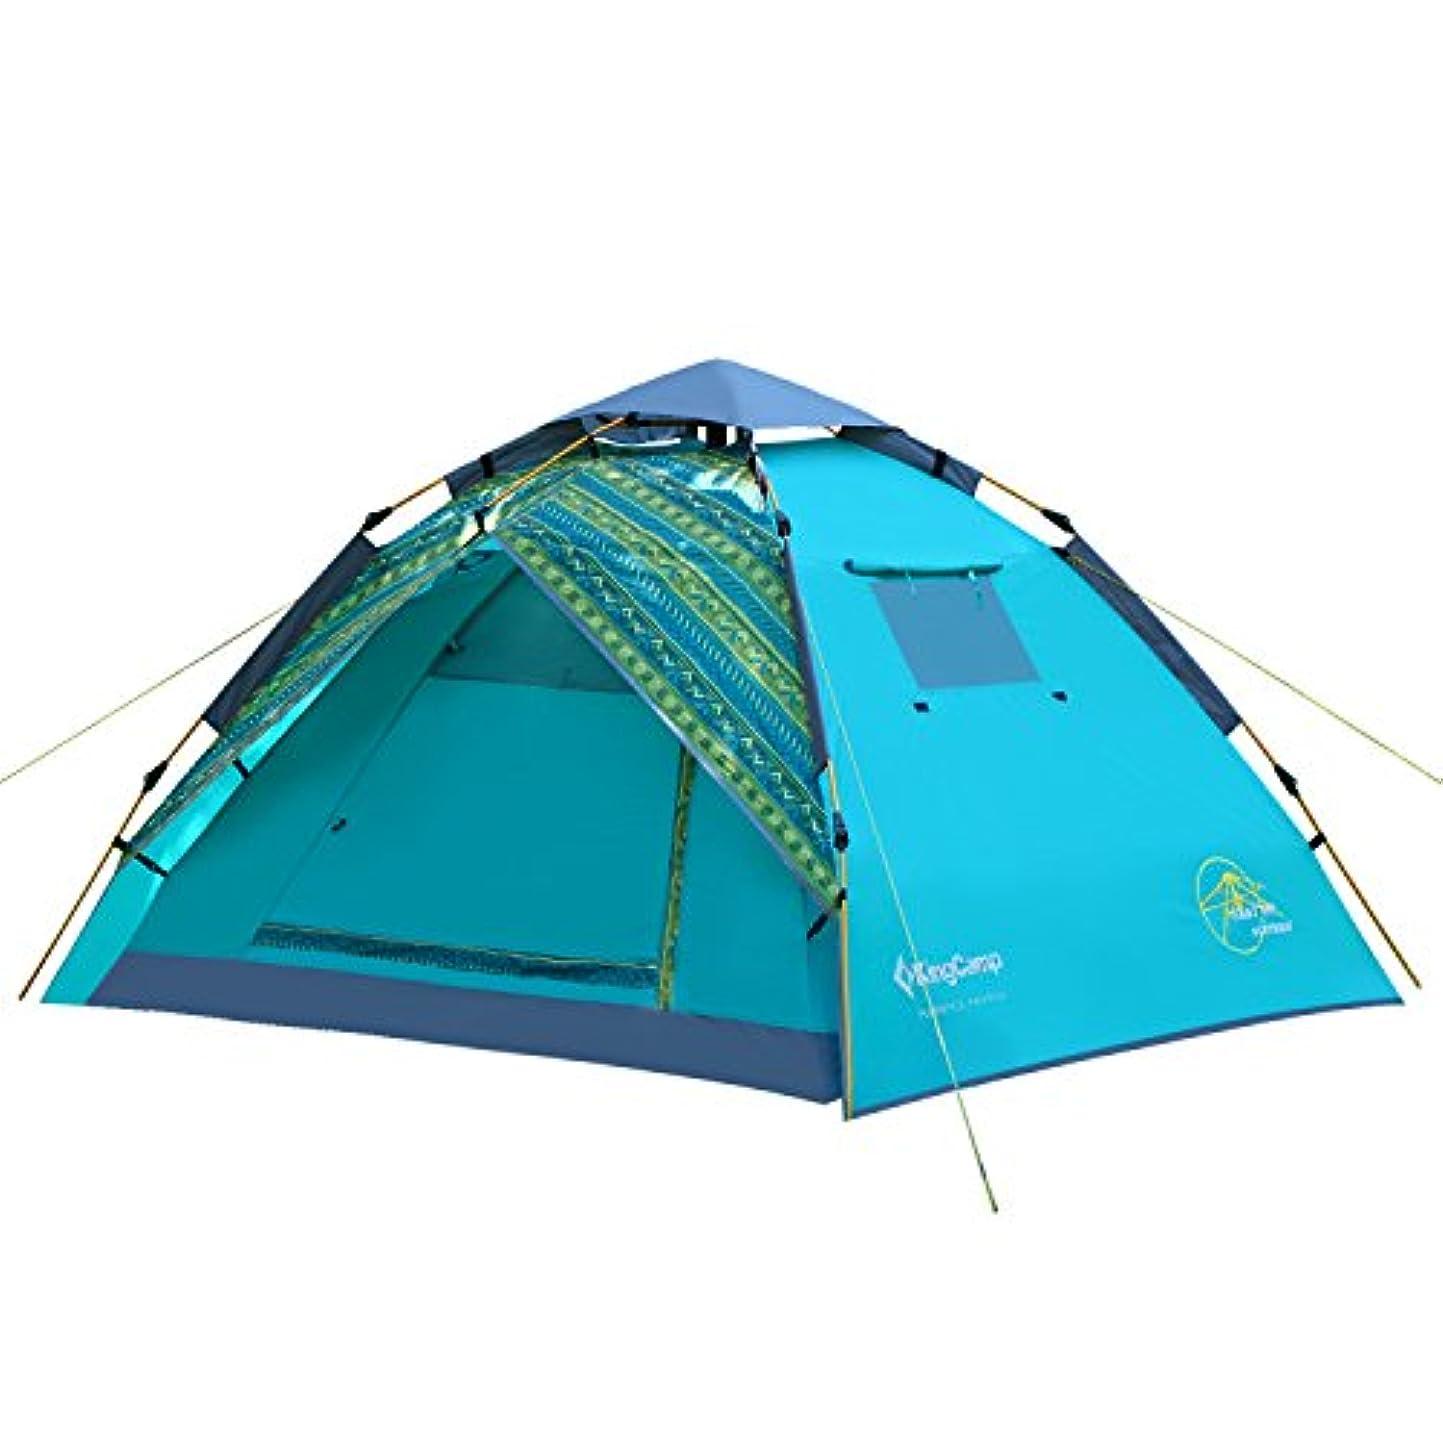 ワンダー思慮深い白雪姫キングキャンプ(King Camp) KT7001 ワンタッチドームテント 【3人用】 33775